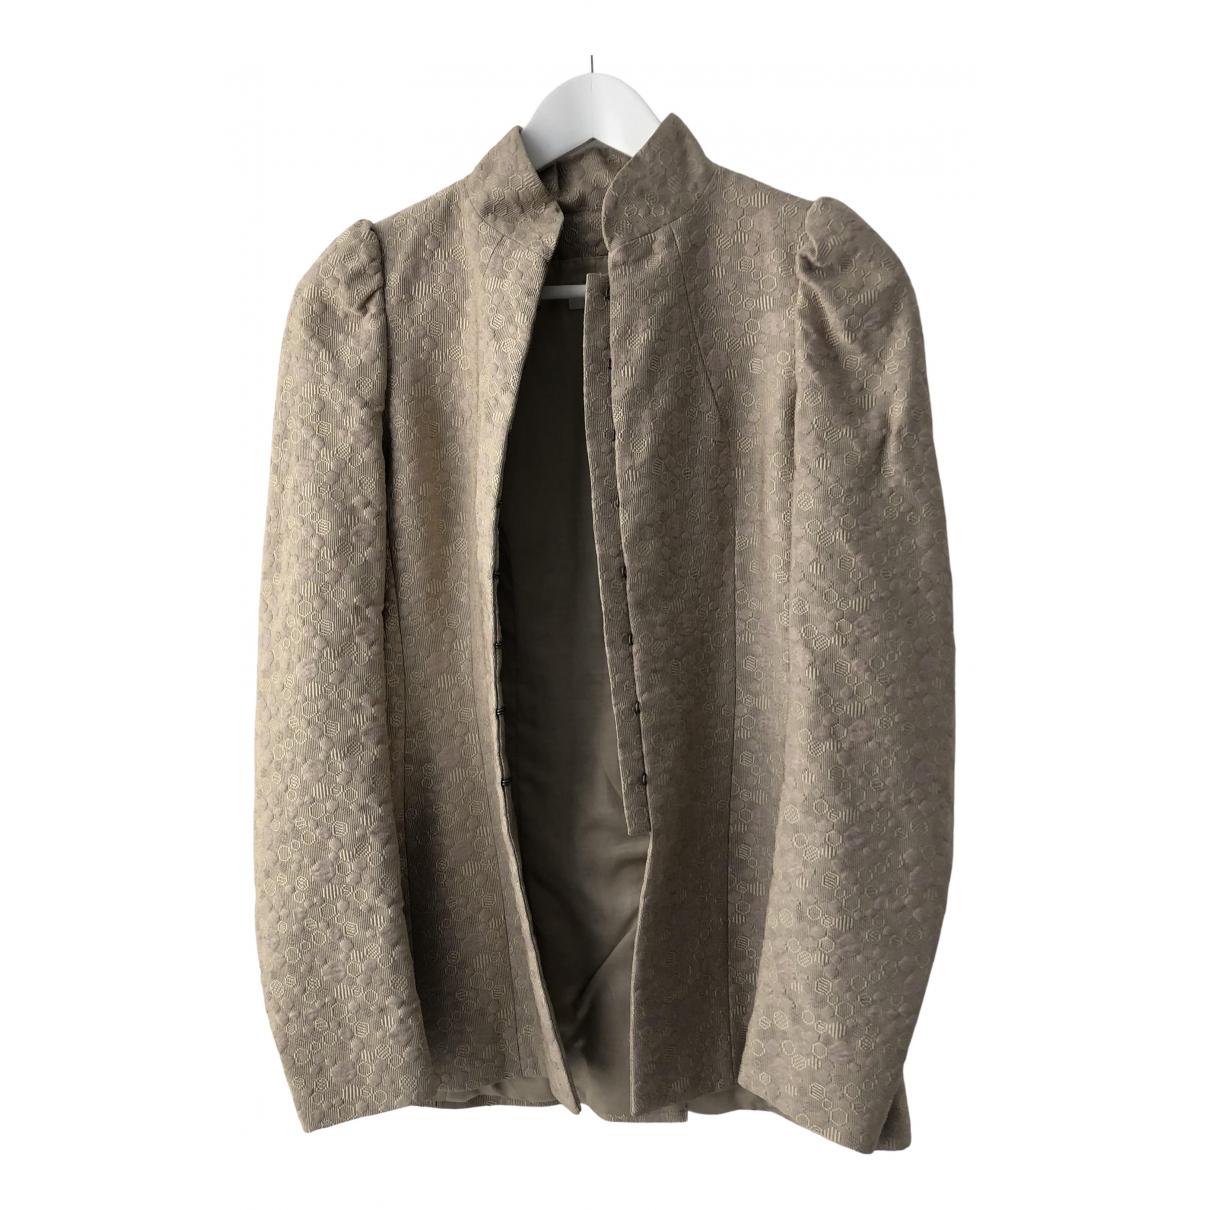 Dries Van Noten \N Beige jacket for Women 36 FR